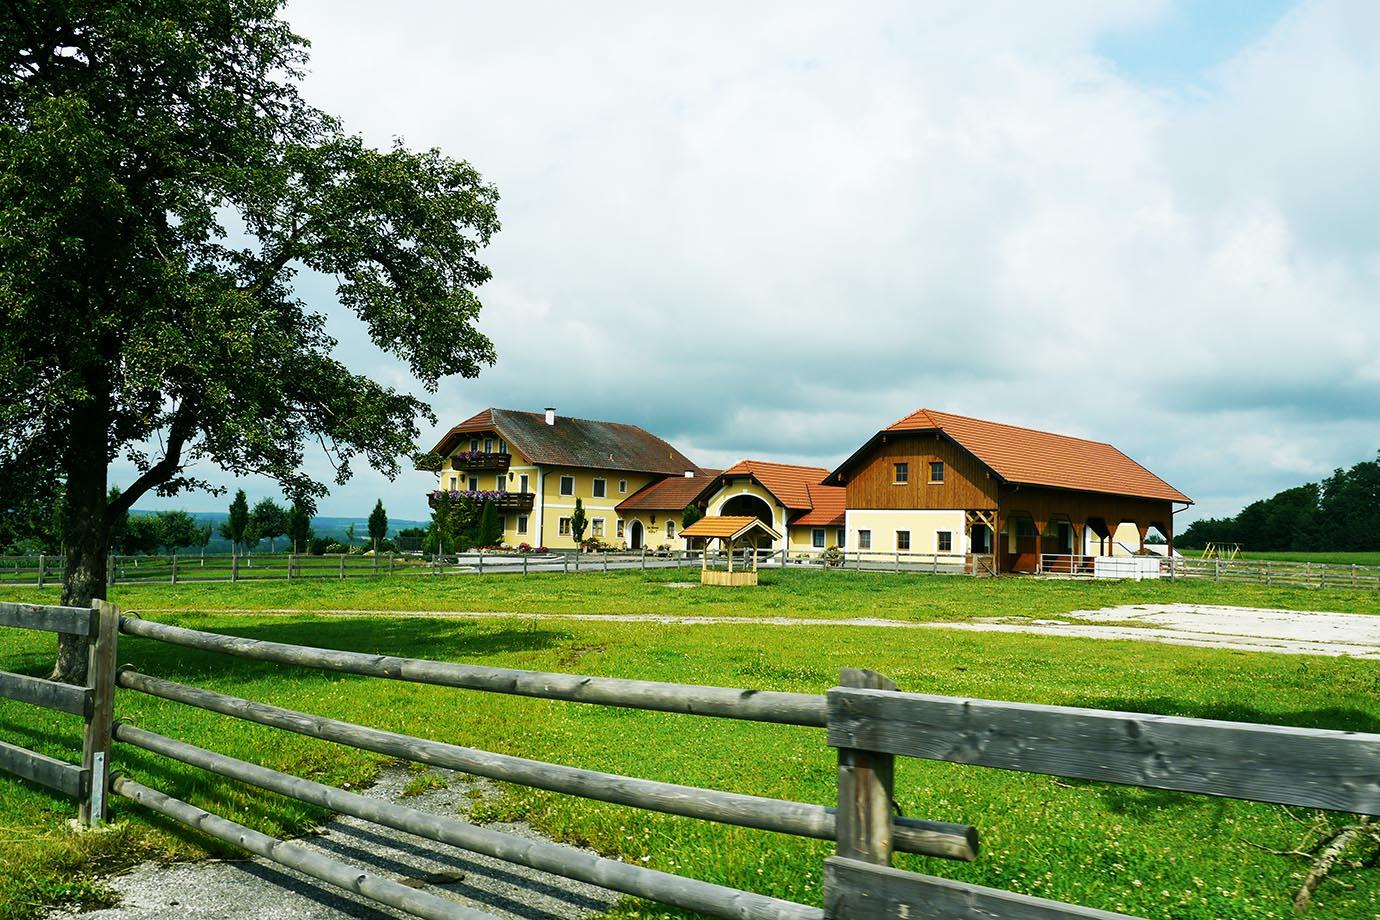 healed-in-an-austrian-village3